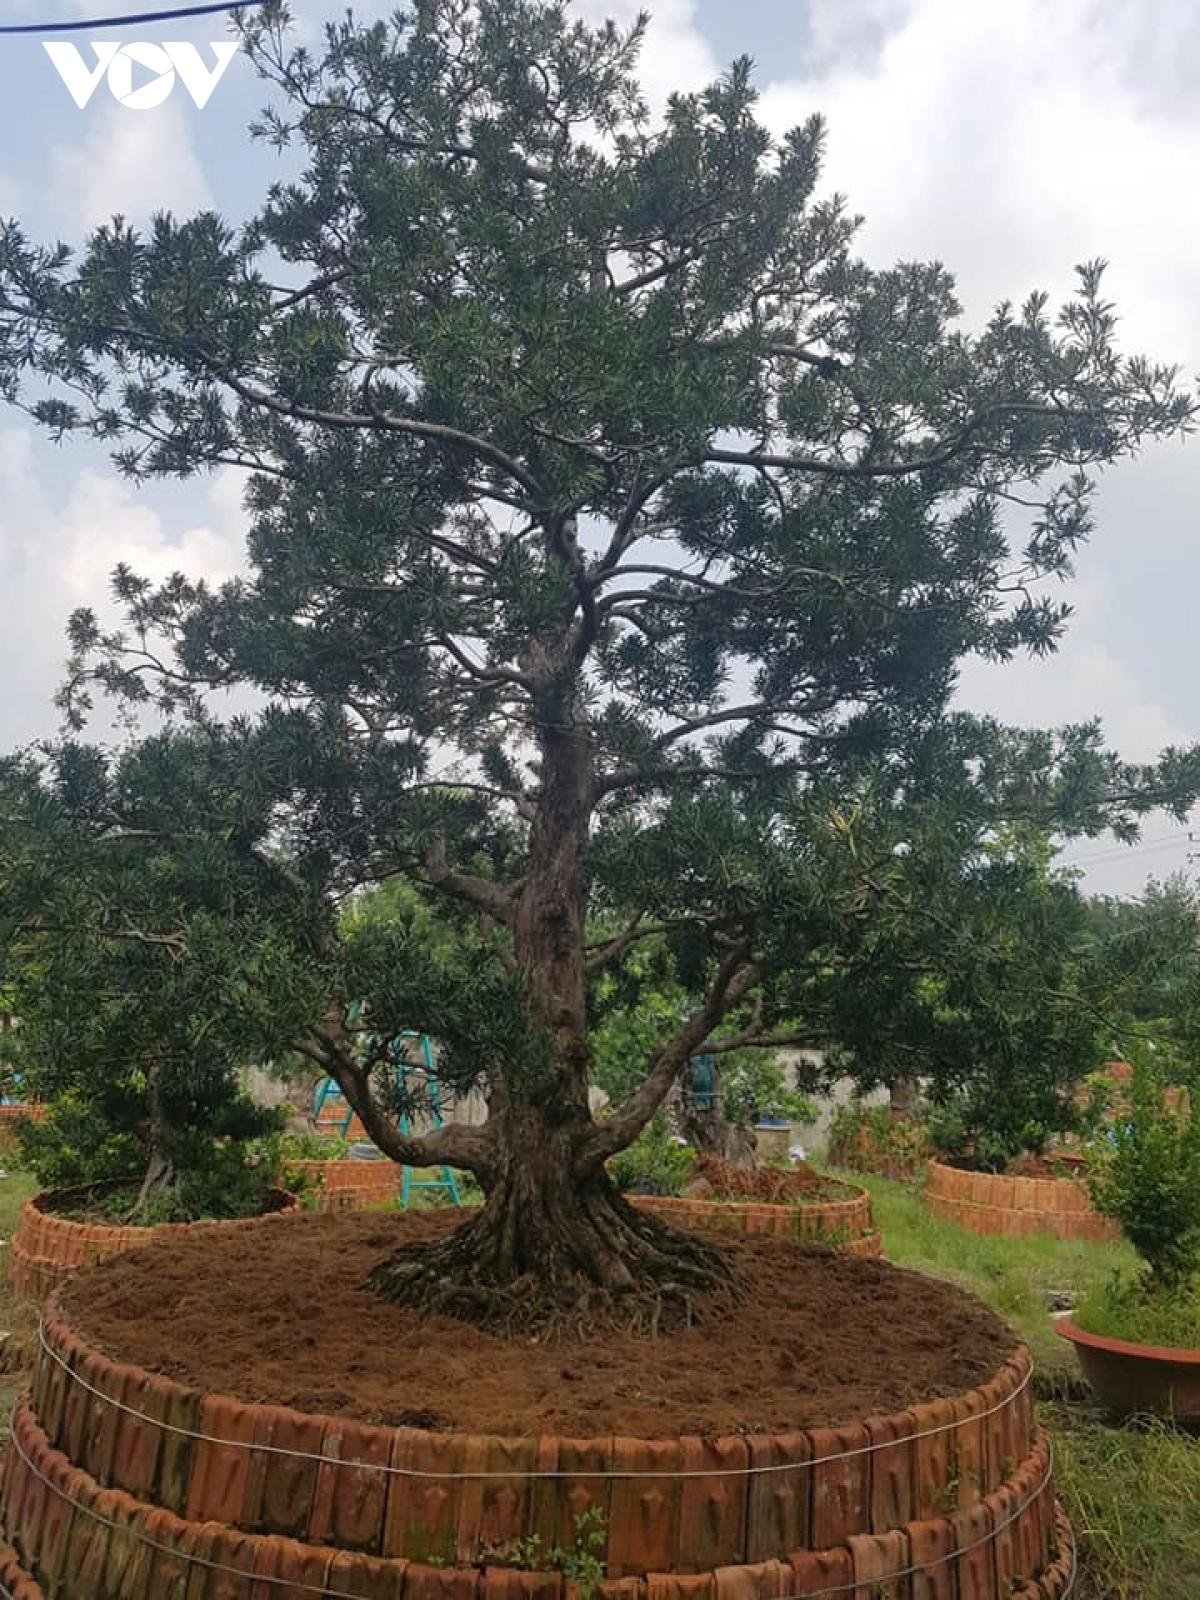 Tiền Giang: Vườn kiểng cổ thụ lớn nhất miền Tây, cây Vạn niên tùng 100 tuổi trông thế này mà giá tới 5 tỷ đồng - Ảnh 4.